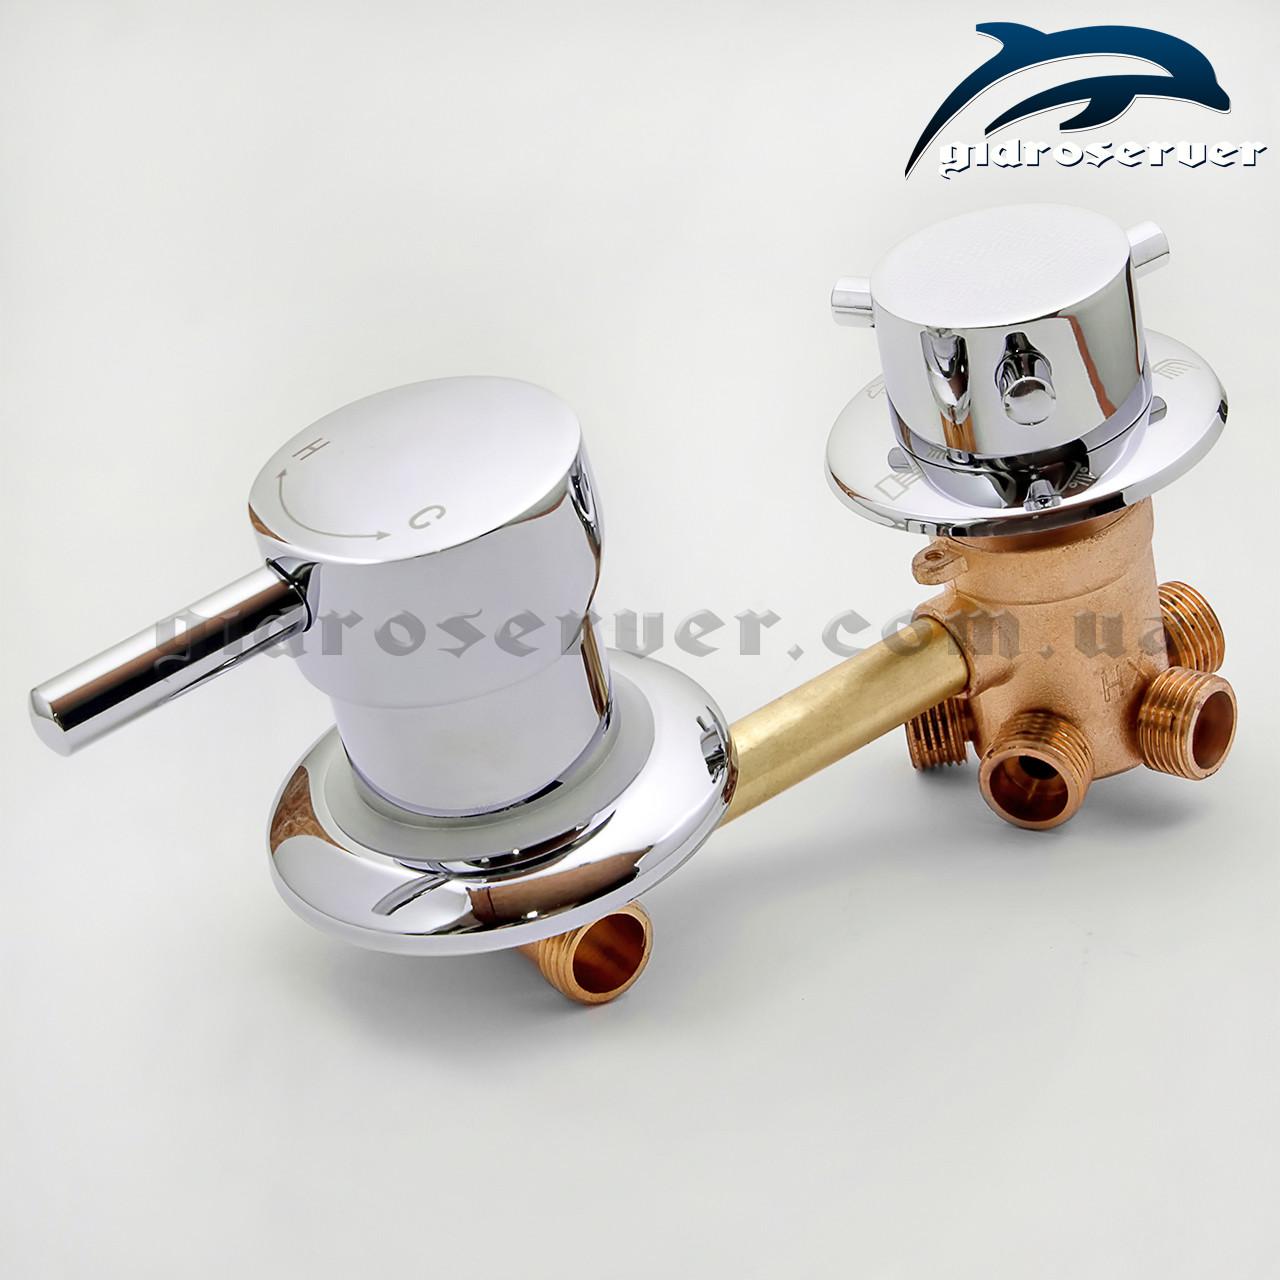 Змішувач для душової кабіни, гідромасажного боксу G 5 - 120 мм.